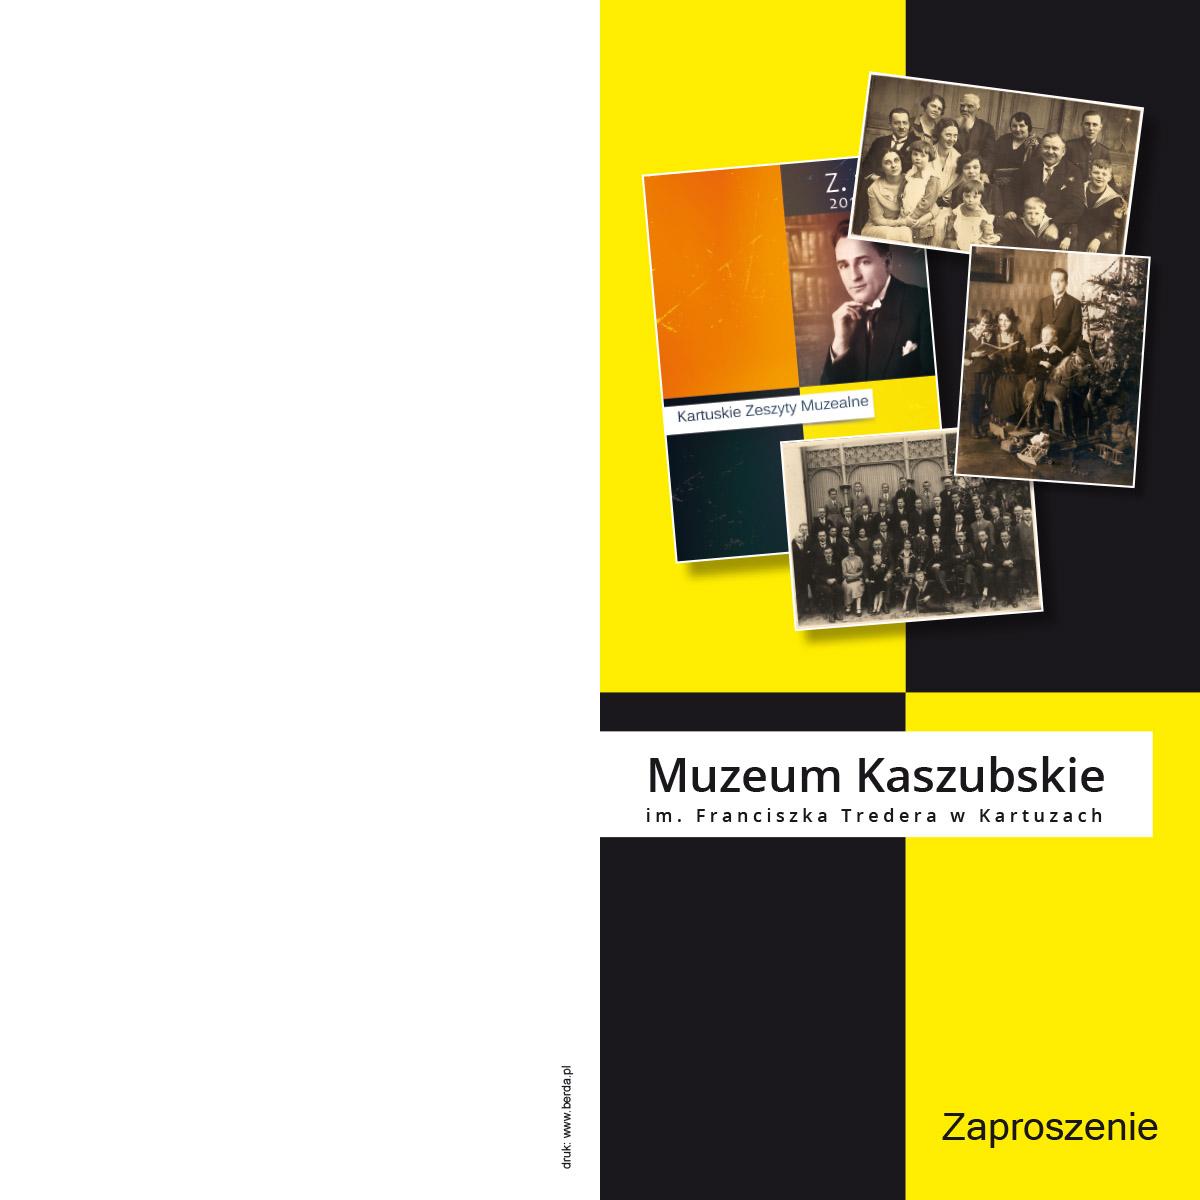 Promocja Kartuskich Zeszytów Muzealnych